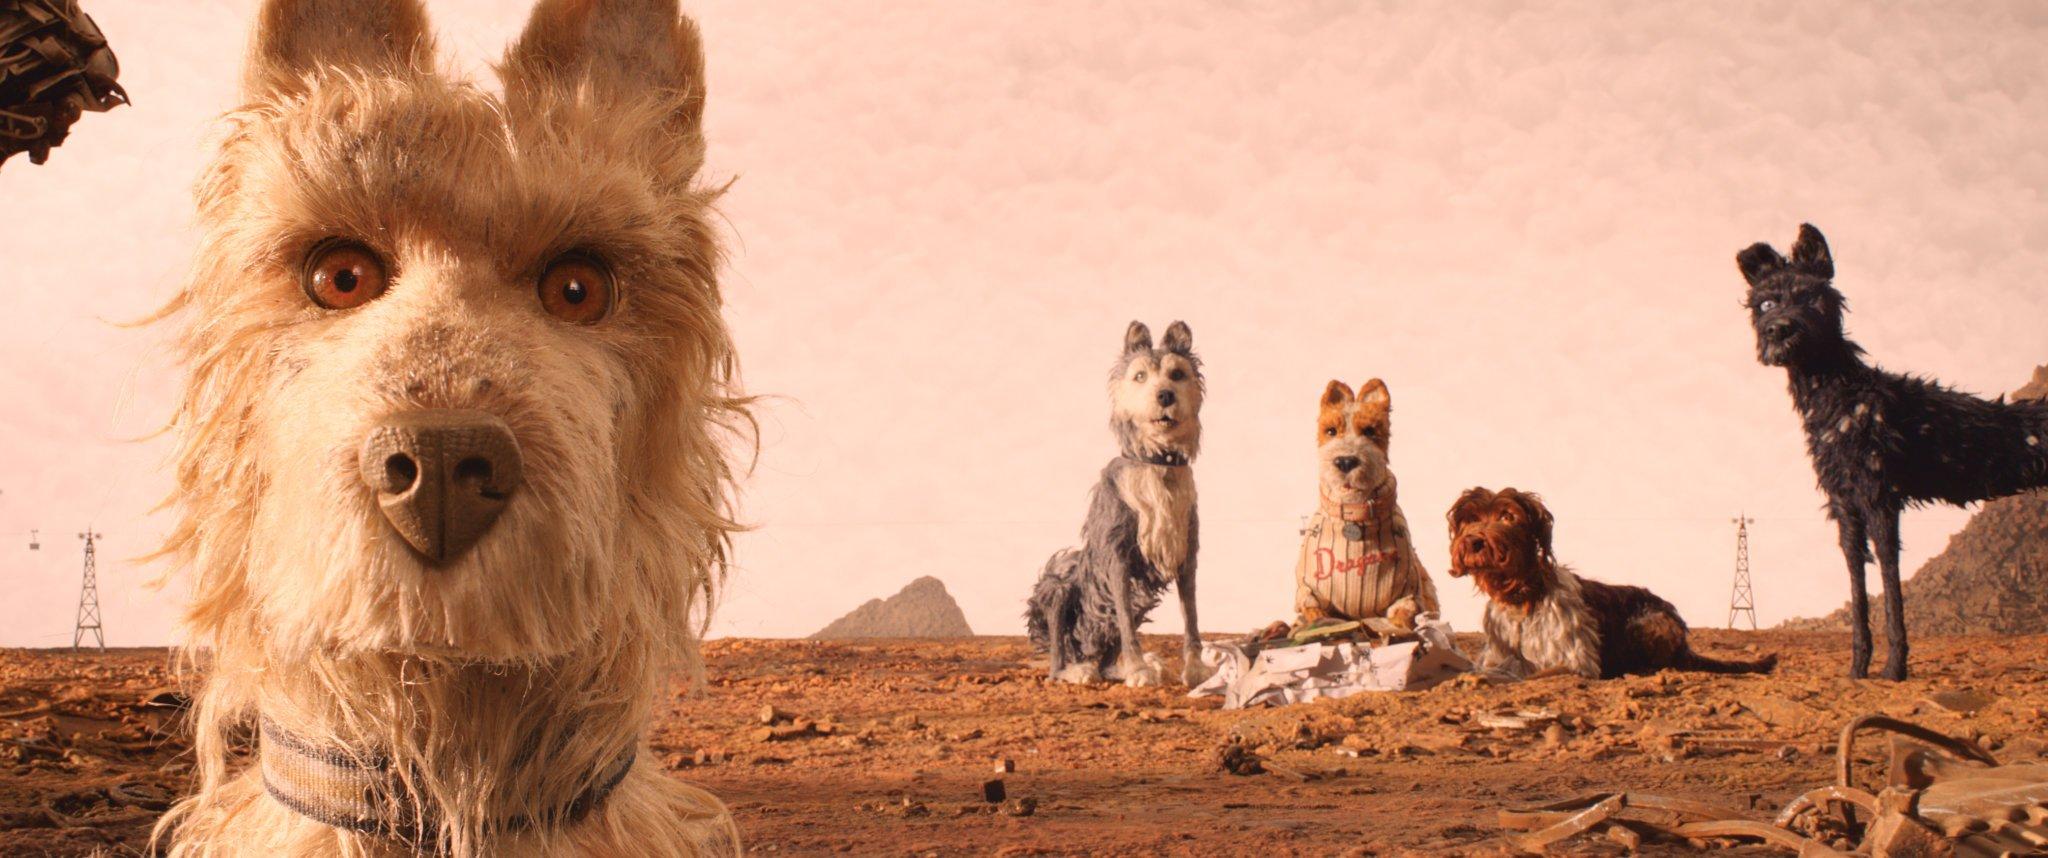 L'isola dei cani, un'opera di rielaborazione creativa dall'immaginario di Wes Anderson